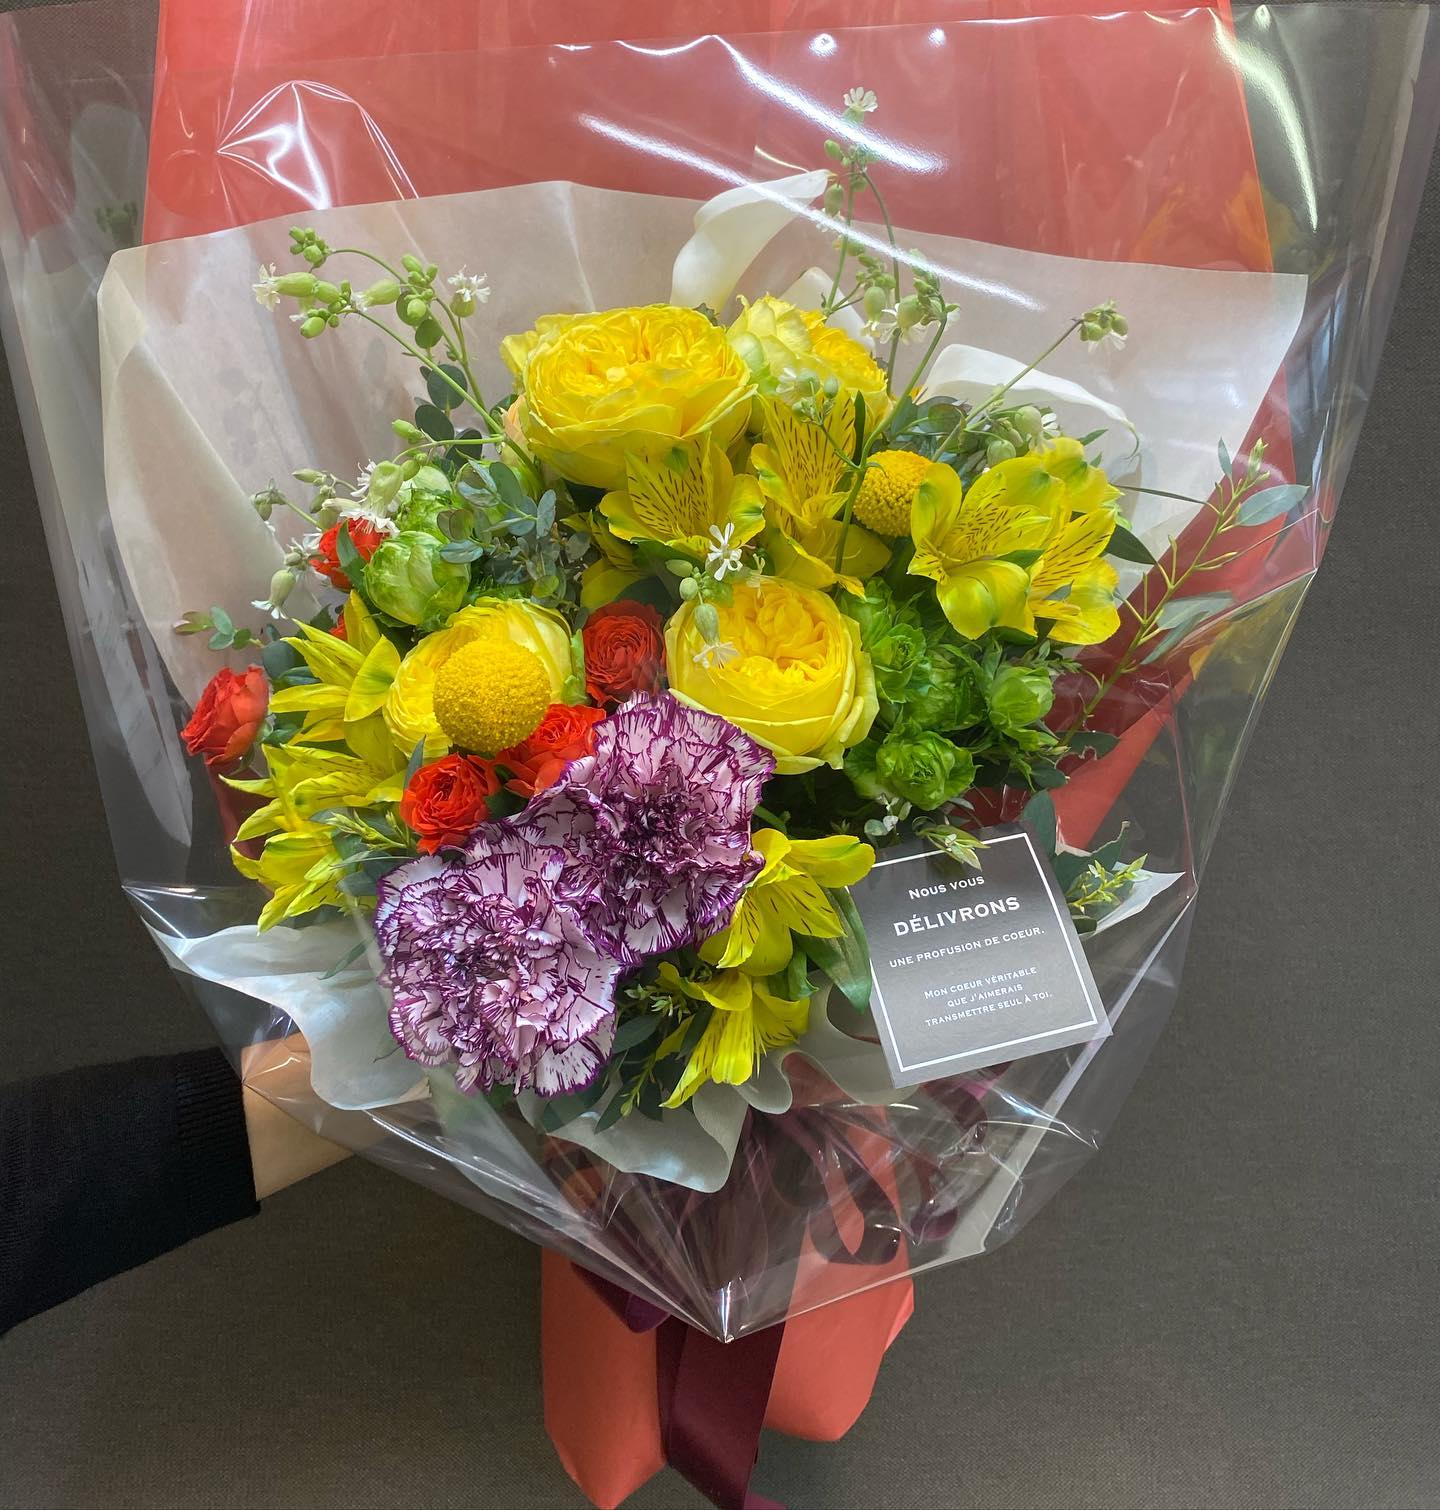 退職祝いの花束です。黄色の丸っこいバラは、岐阜のユーティローズさんのカタリナ^ ^ホント綺麗です!コロナの影響で仕事が激減し、たるんでミスを連発。。反省しきりです。#ユーティローズ#カタリナ#ヒカリカ#花束